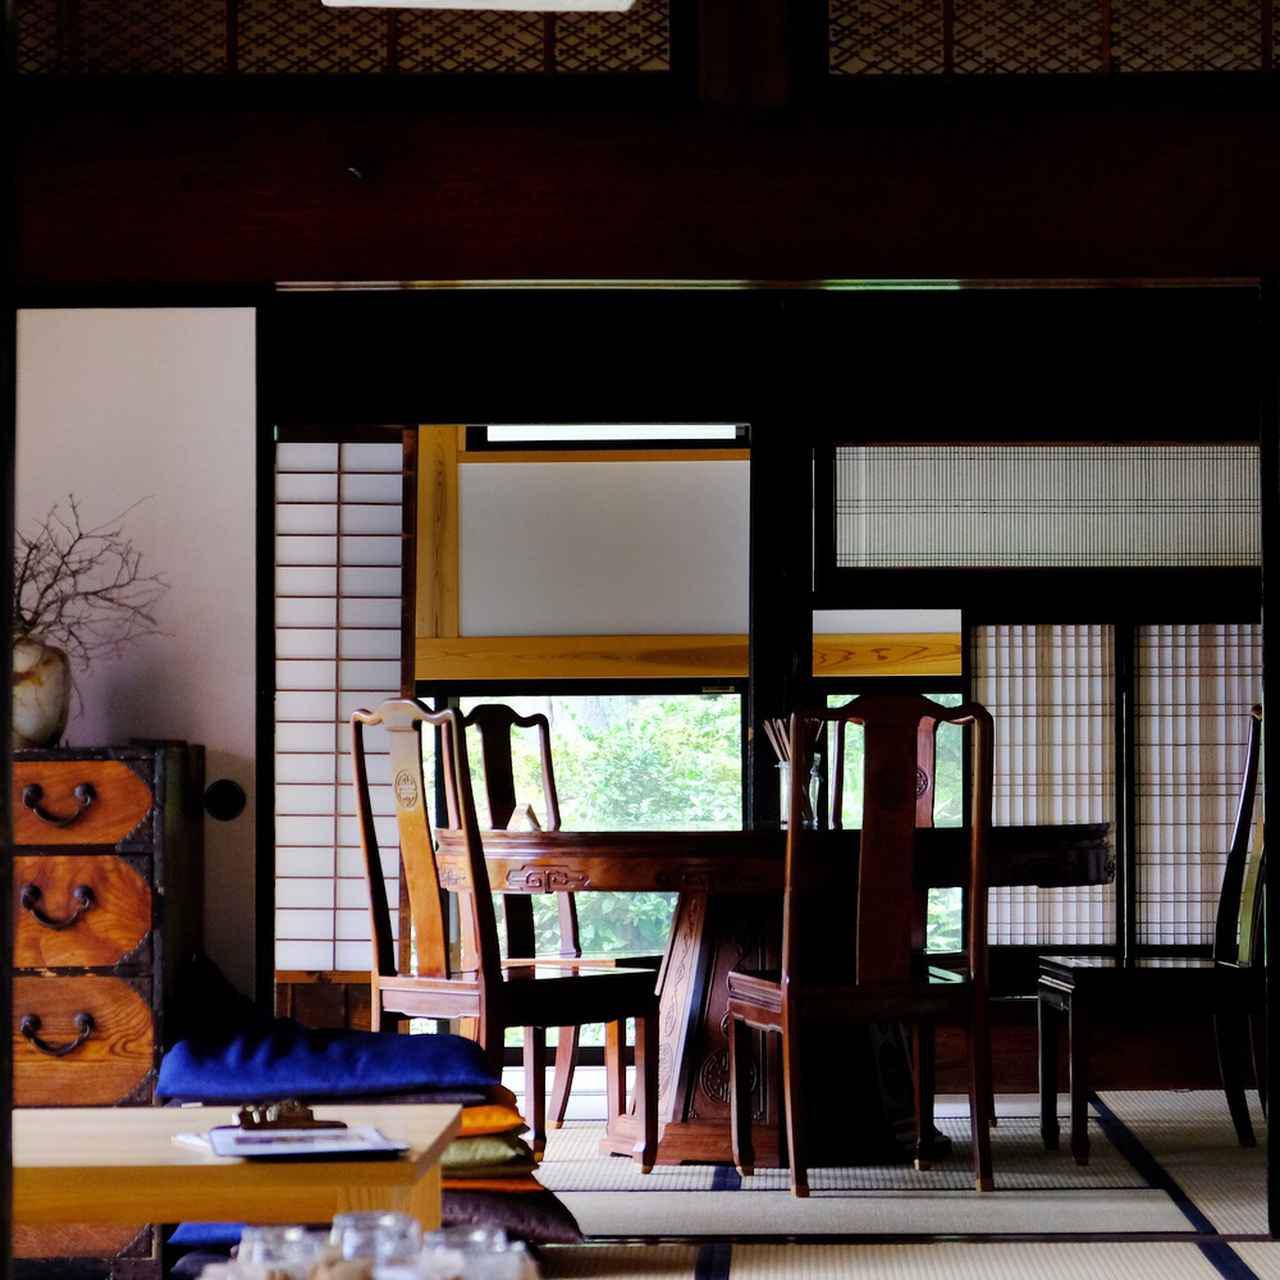 画像: 純和風の要素をしっかり押さえつつ、現代風にアレンジするところは大胆に。畳、障子、筬欄間のある場所にダイニングテーブルと椅子を置き、居心地の良さもしっかりと守られています。